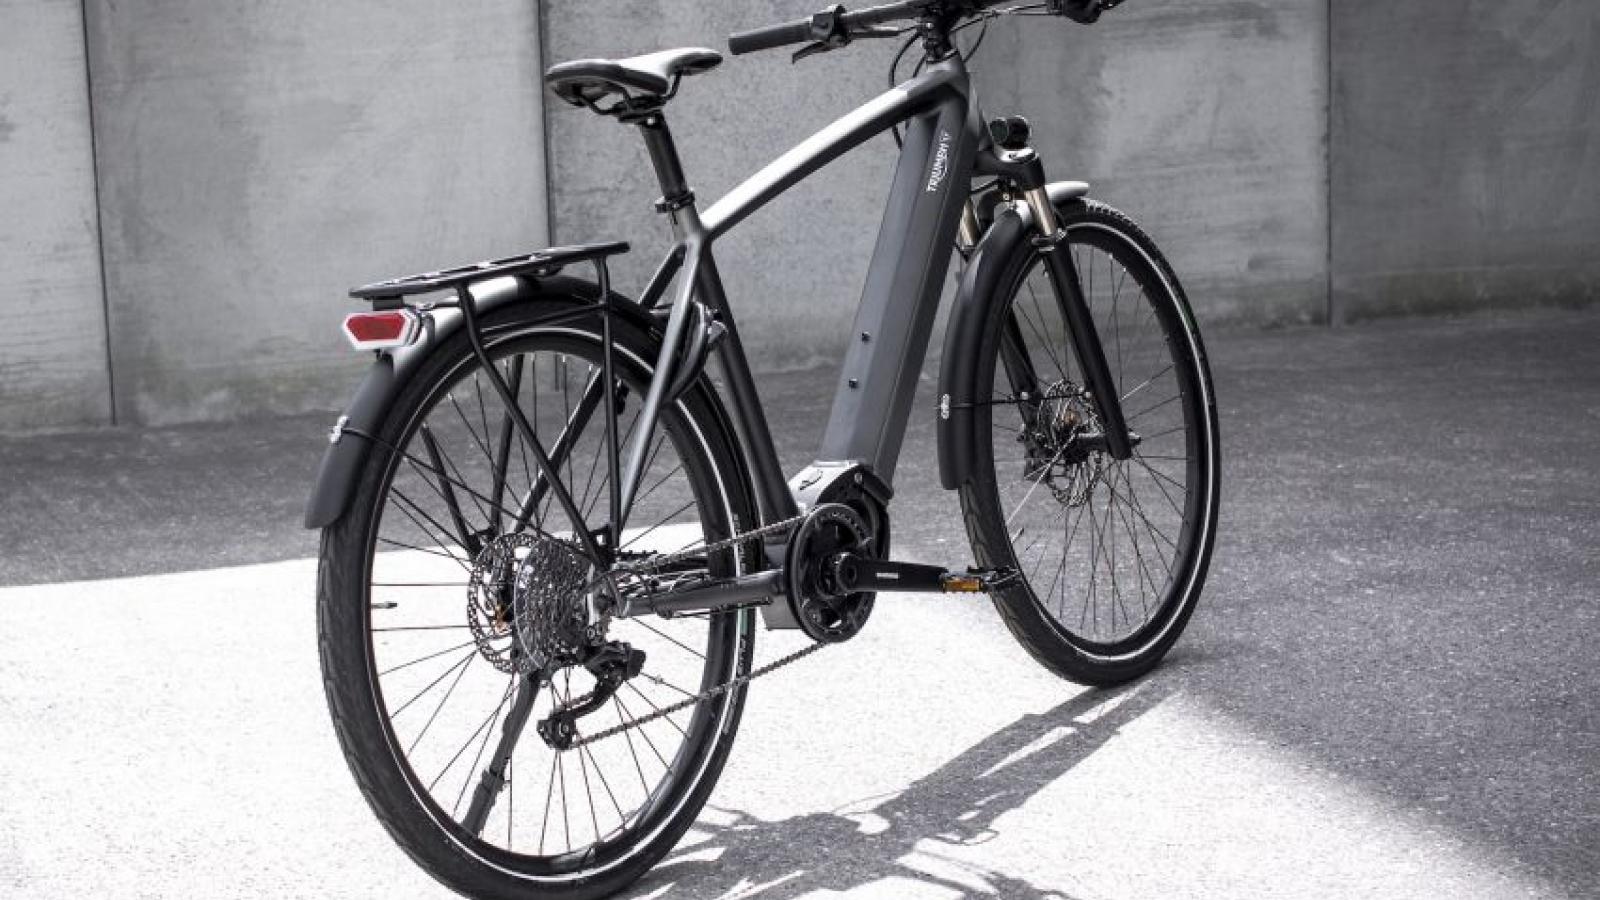 Triumph bất ngờ quay lại sản xuất xe đạp điện